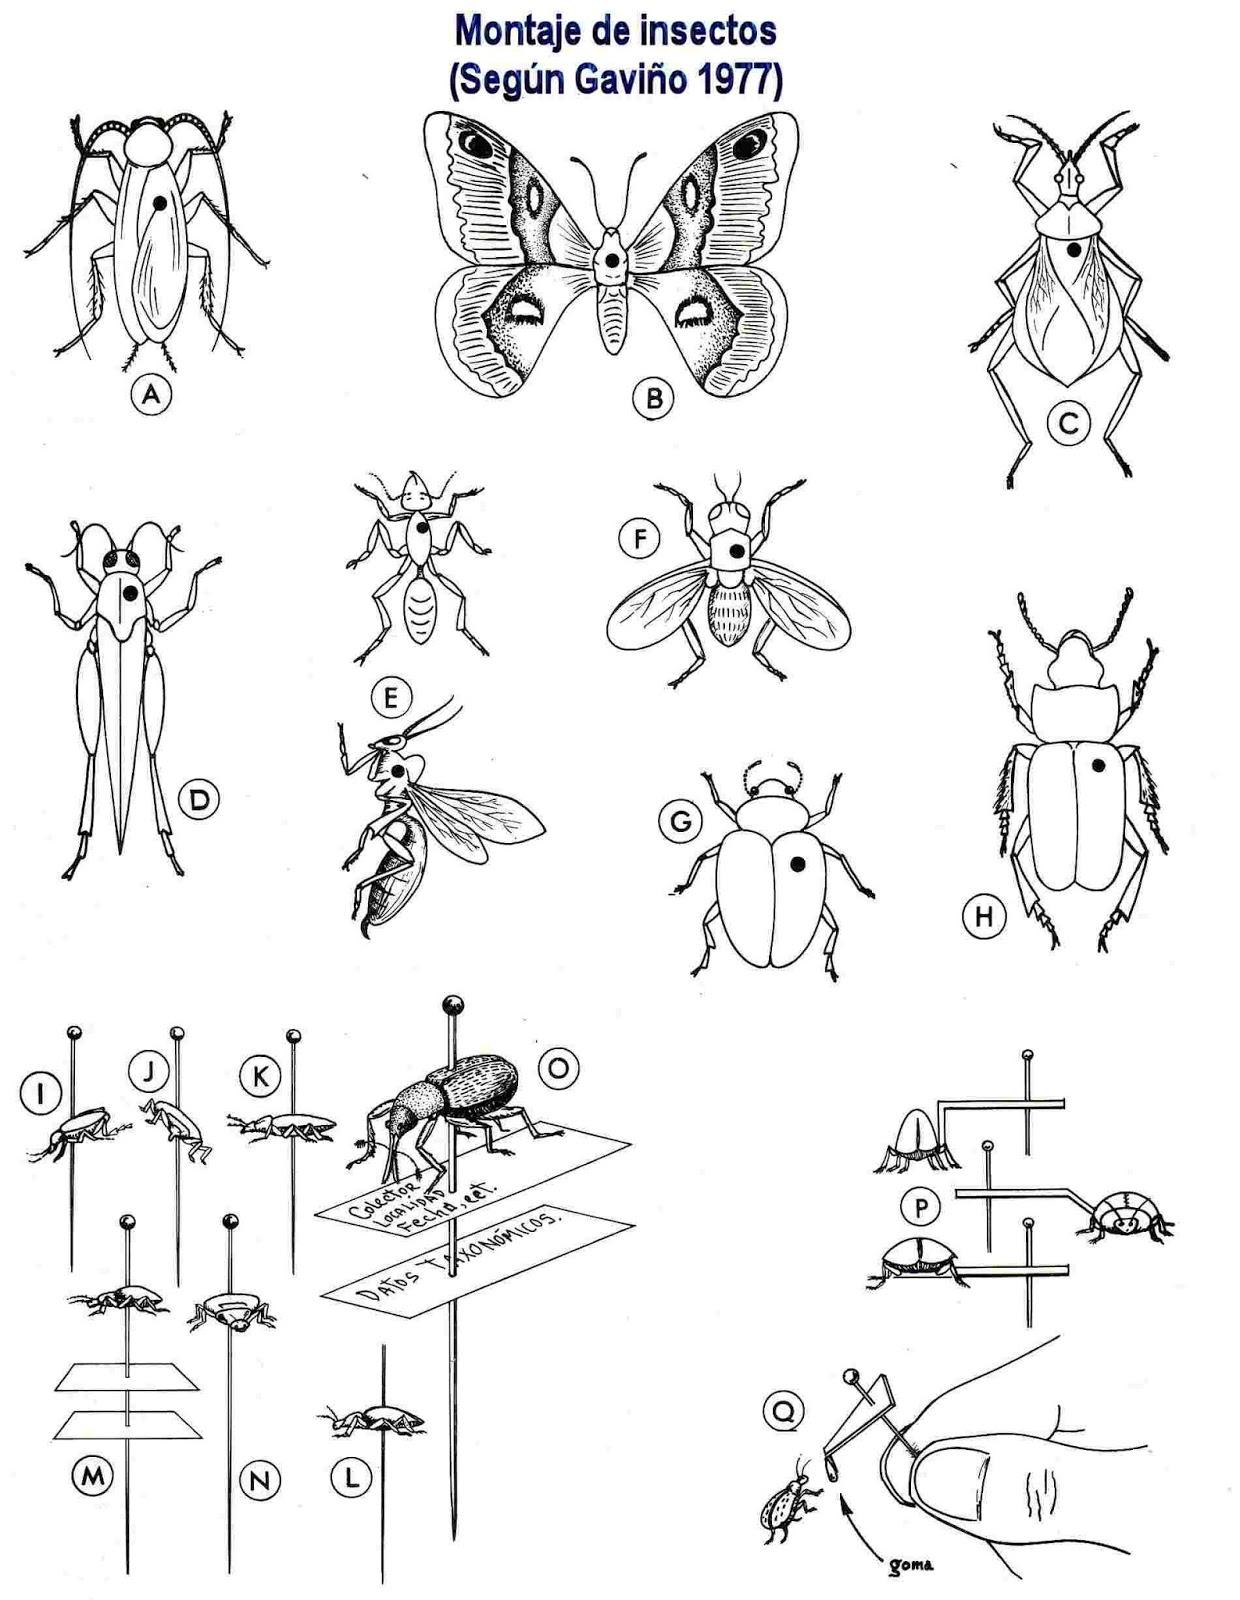 Manual para colectar y montar insectos